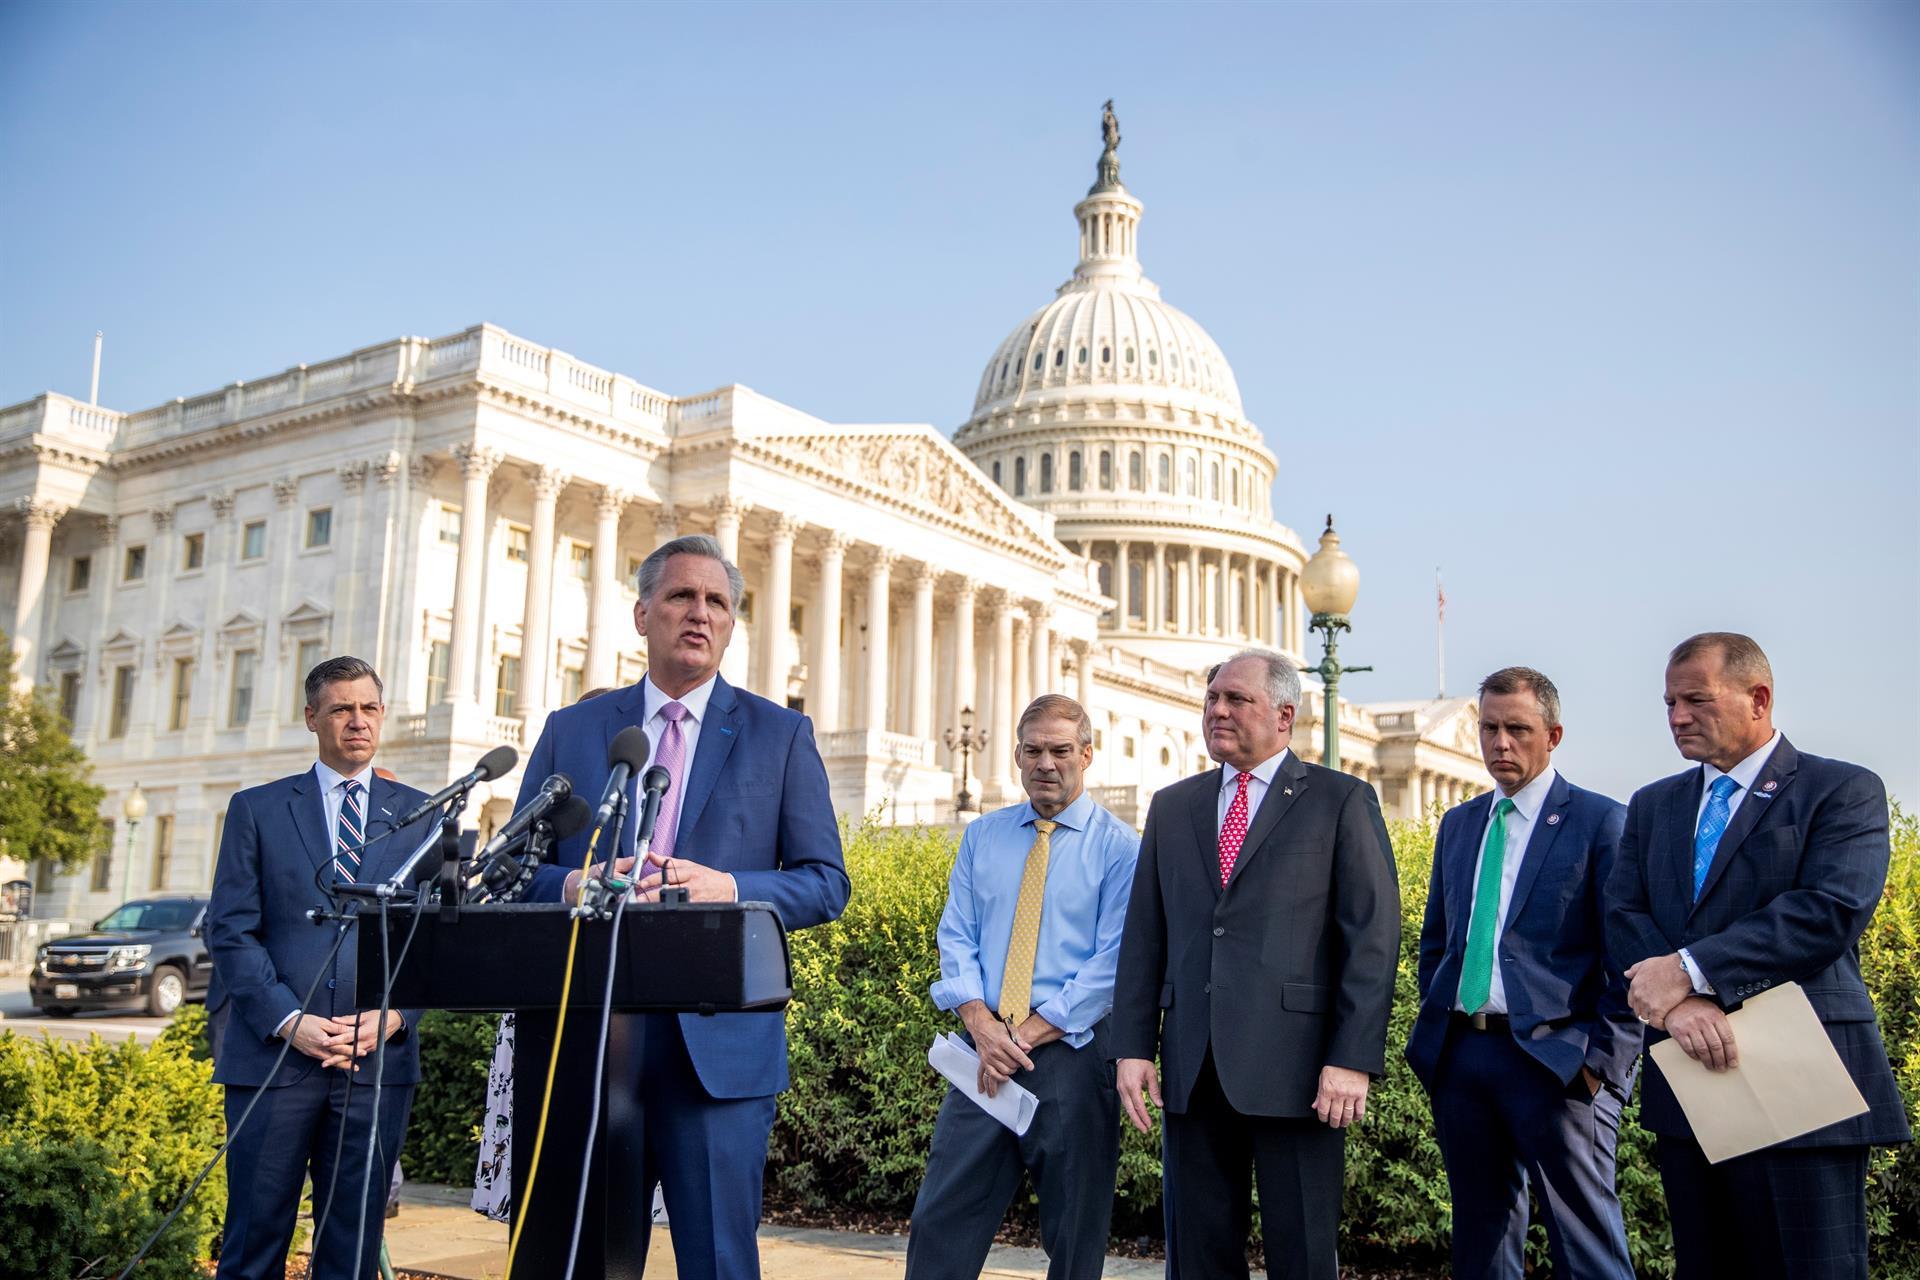 Comité selecto inicia audiencias en medio de tensión entre republicanos y demócratas